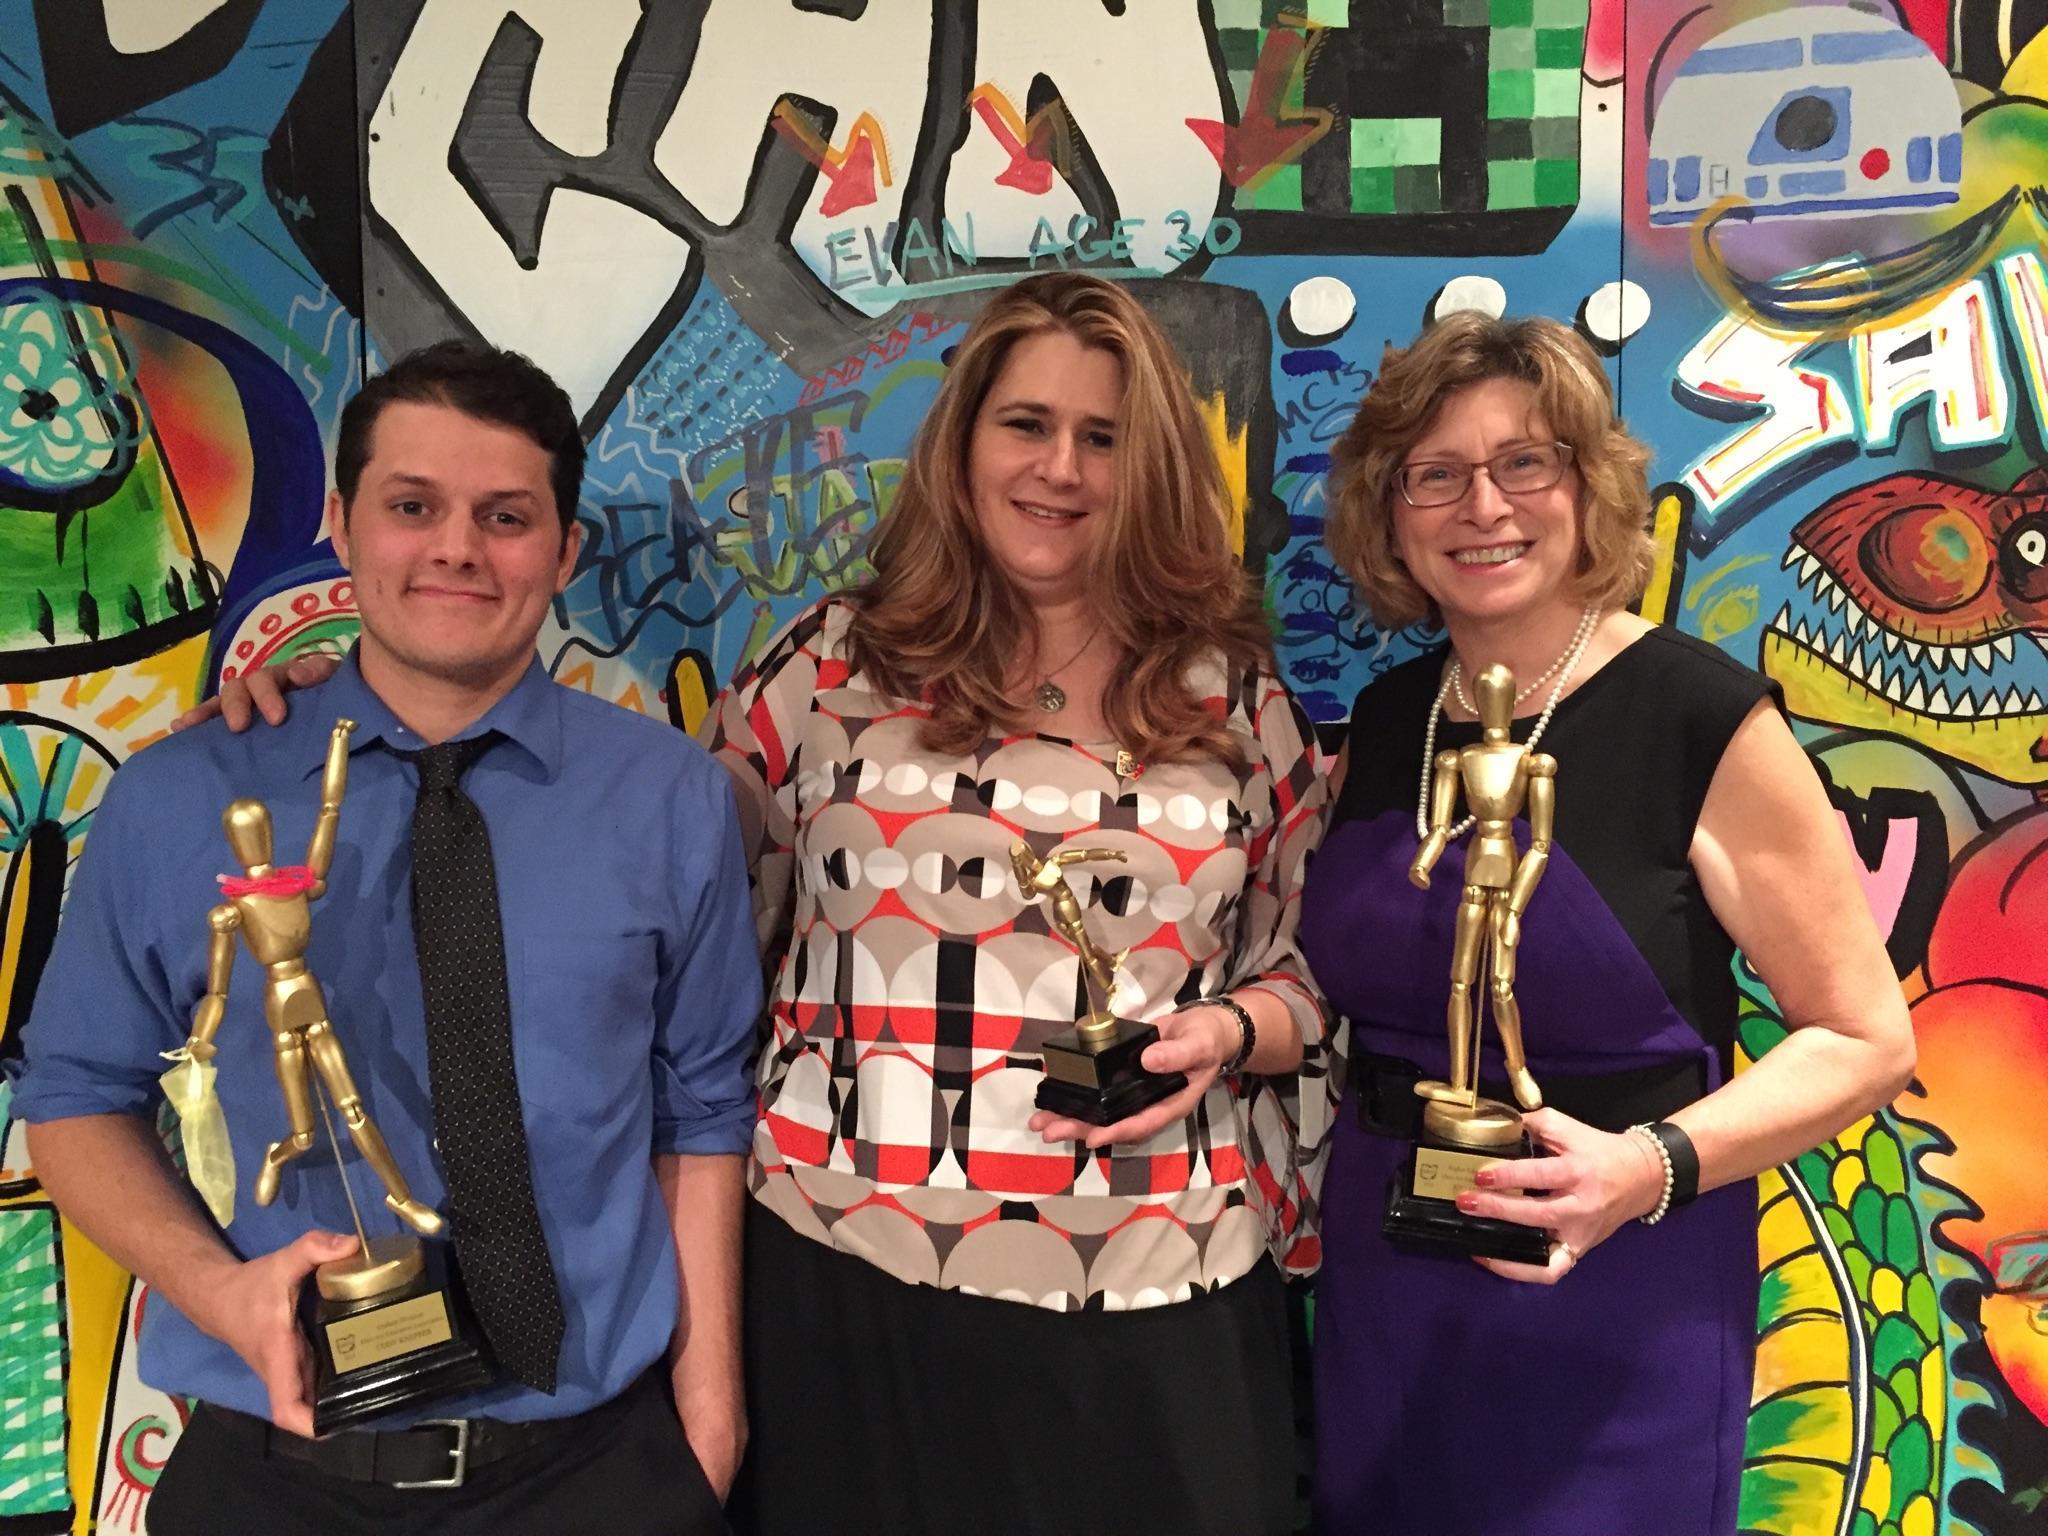 OAEA award winners Cody Knepper, Linda Hoeptner Poling and Juliann Dorff